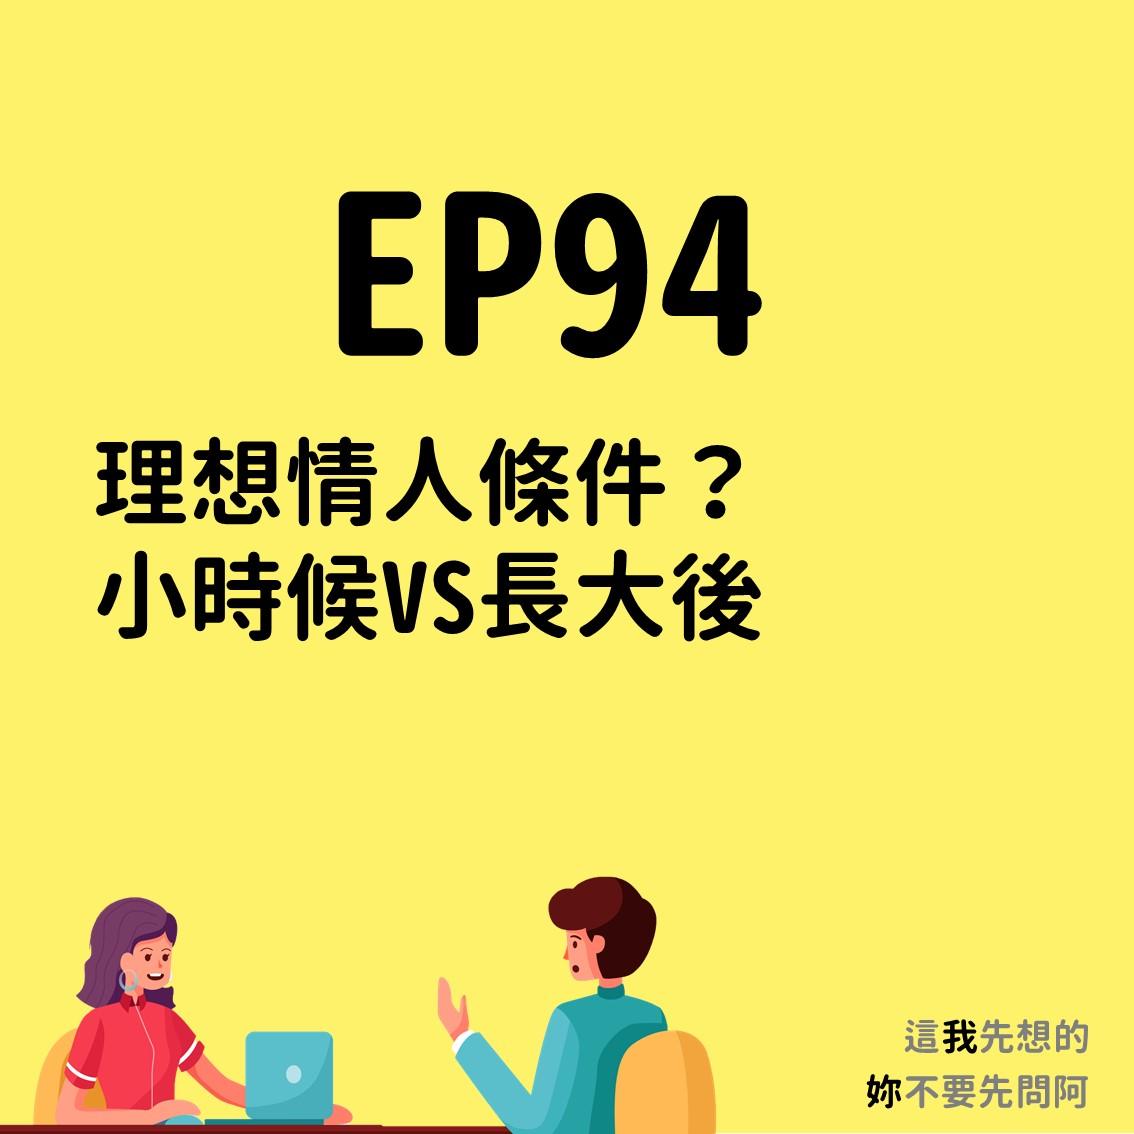 EP94 理想情人條件?小時候VS長大後